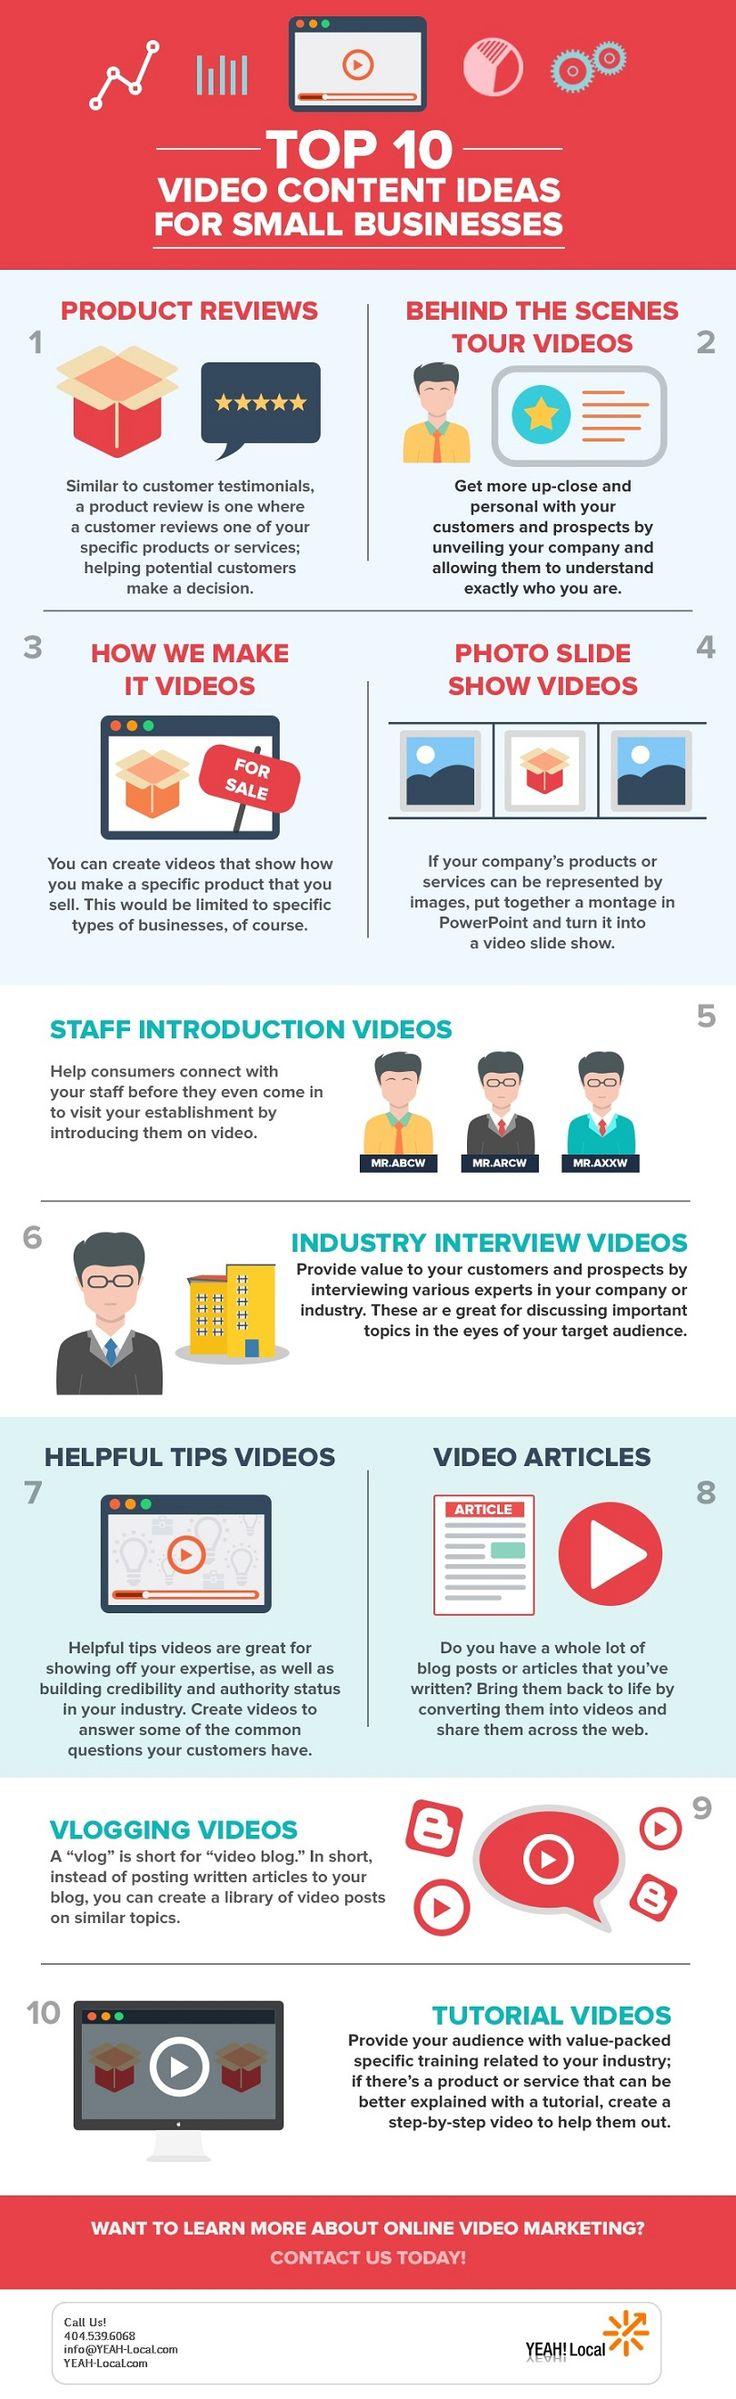 """YEAH! Local tarafından hazırlanan """"Video Marketing: Top 10 Video Content Ideas for Small Businesses"""" infografik çalışması, küçük işletmeler için video pazarlama tüyolarını 10 madde ile aktarıyor. Siz de küçük bir işletme sahibiyseniz bu ipuçlarından ilham alabilirsiniz.  #content #marketing #infografik #infographic #video #blog #vlog #socialmedia #dijitalpazarlama #pazarlama #infografik"""